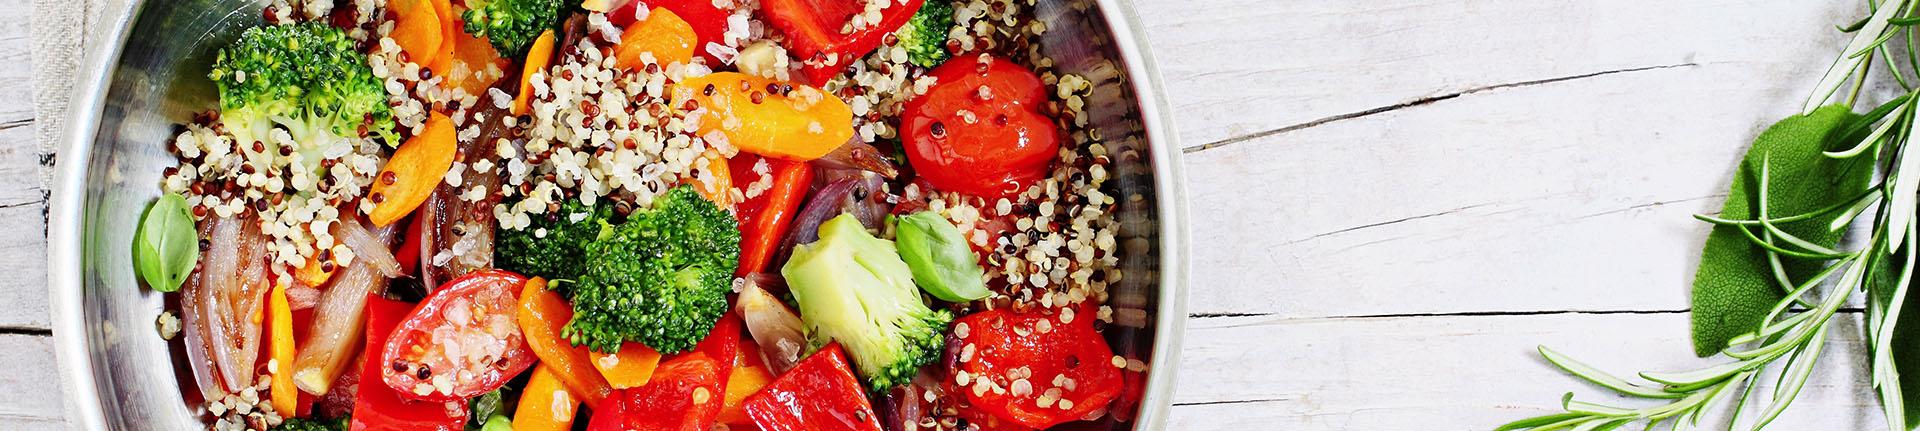 Tabule de quinoa para uma refeição leve